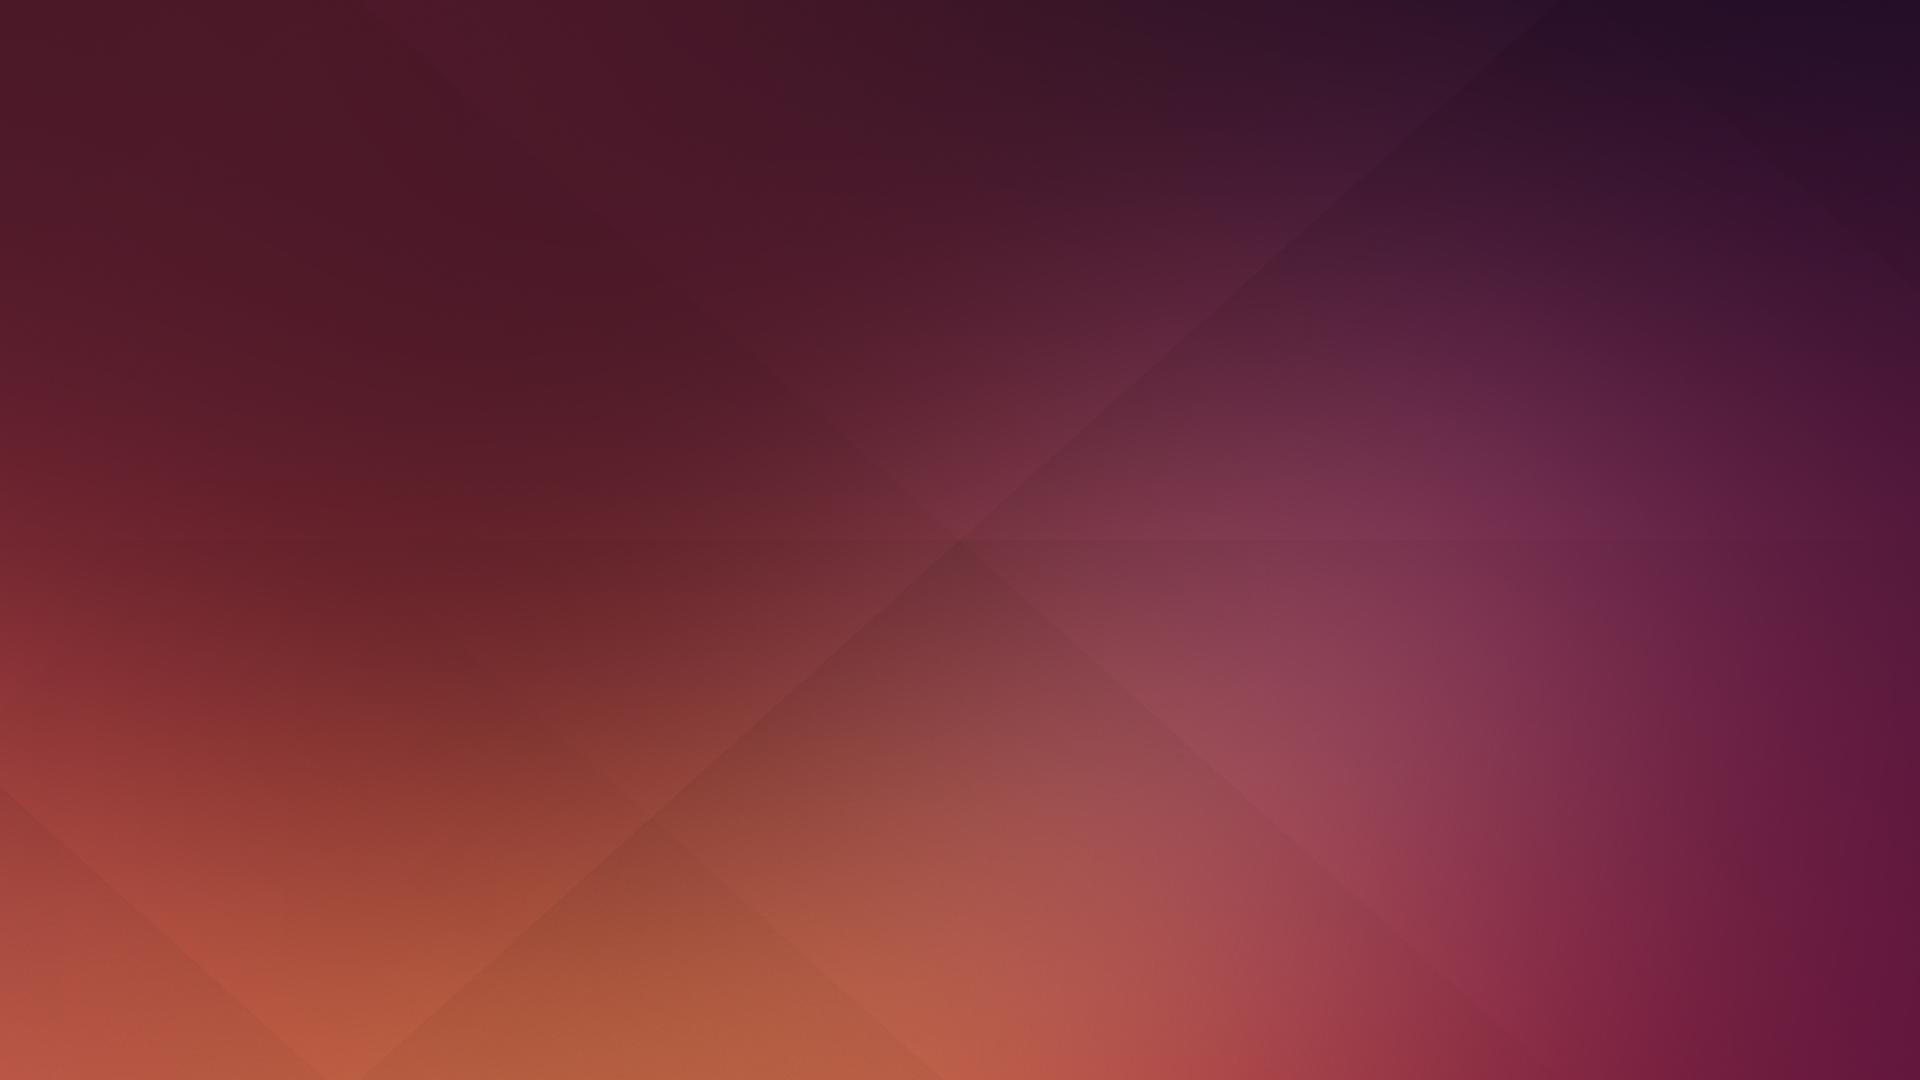 Ubuntu 14.04 Wallpapers 1920x1080 - WallpaperSafari Ubuntu Wallpaper 1920x1080